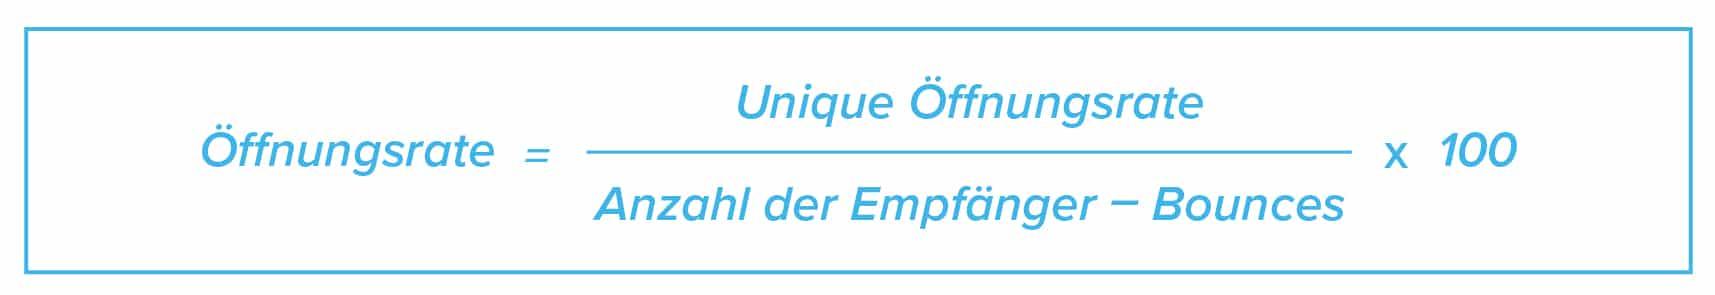 E-Mail Marketing KPIs Formel Öffnungsrate